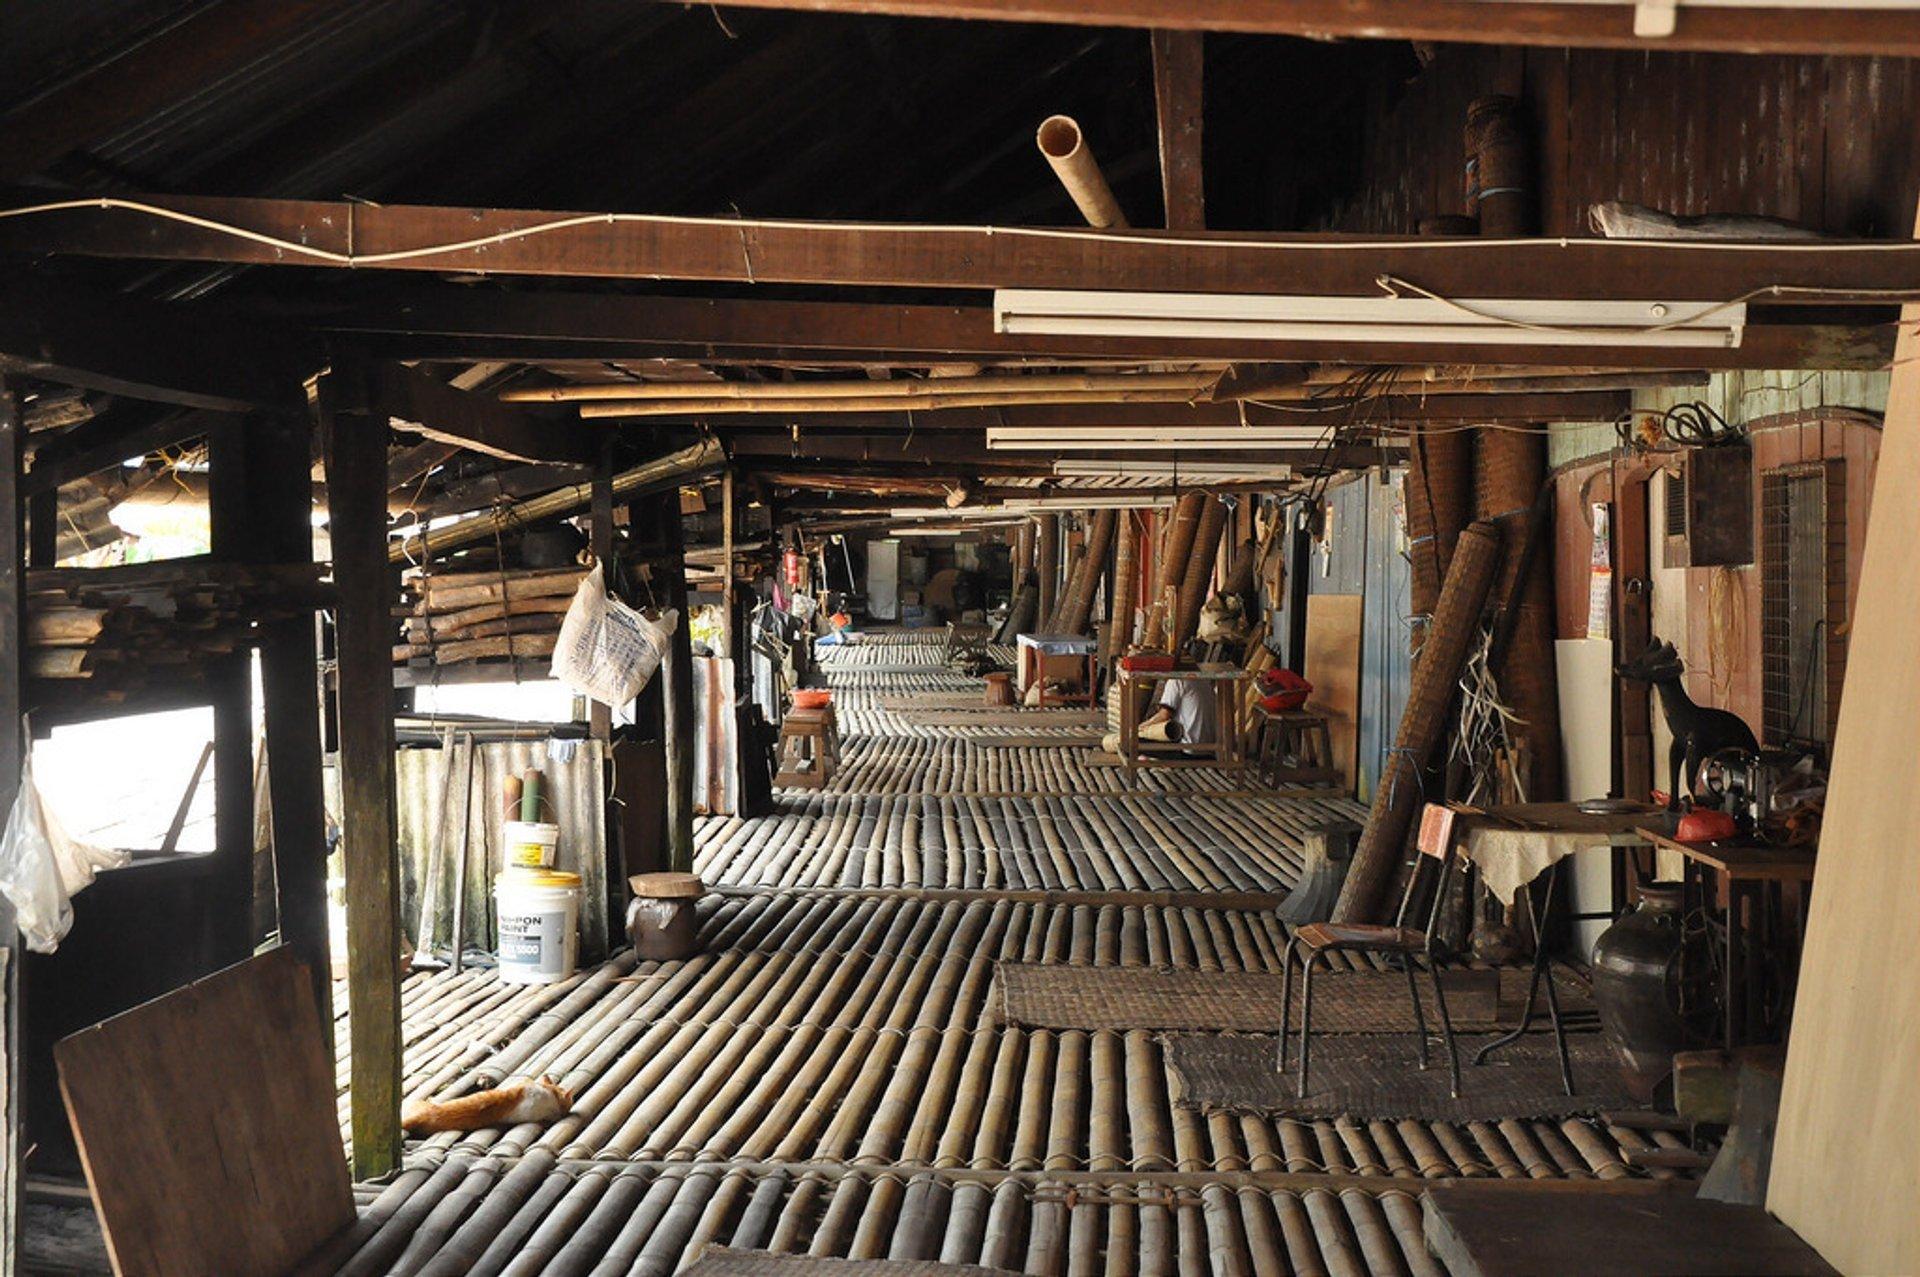 Borneo Sarawak longhouse 2020